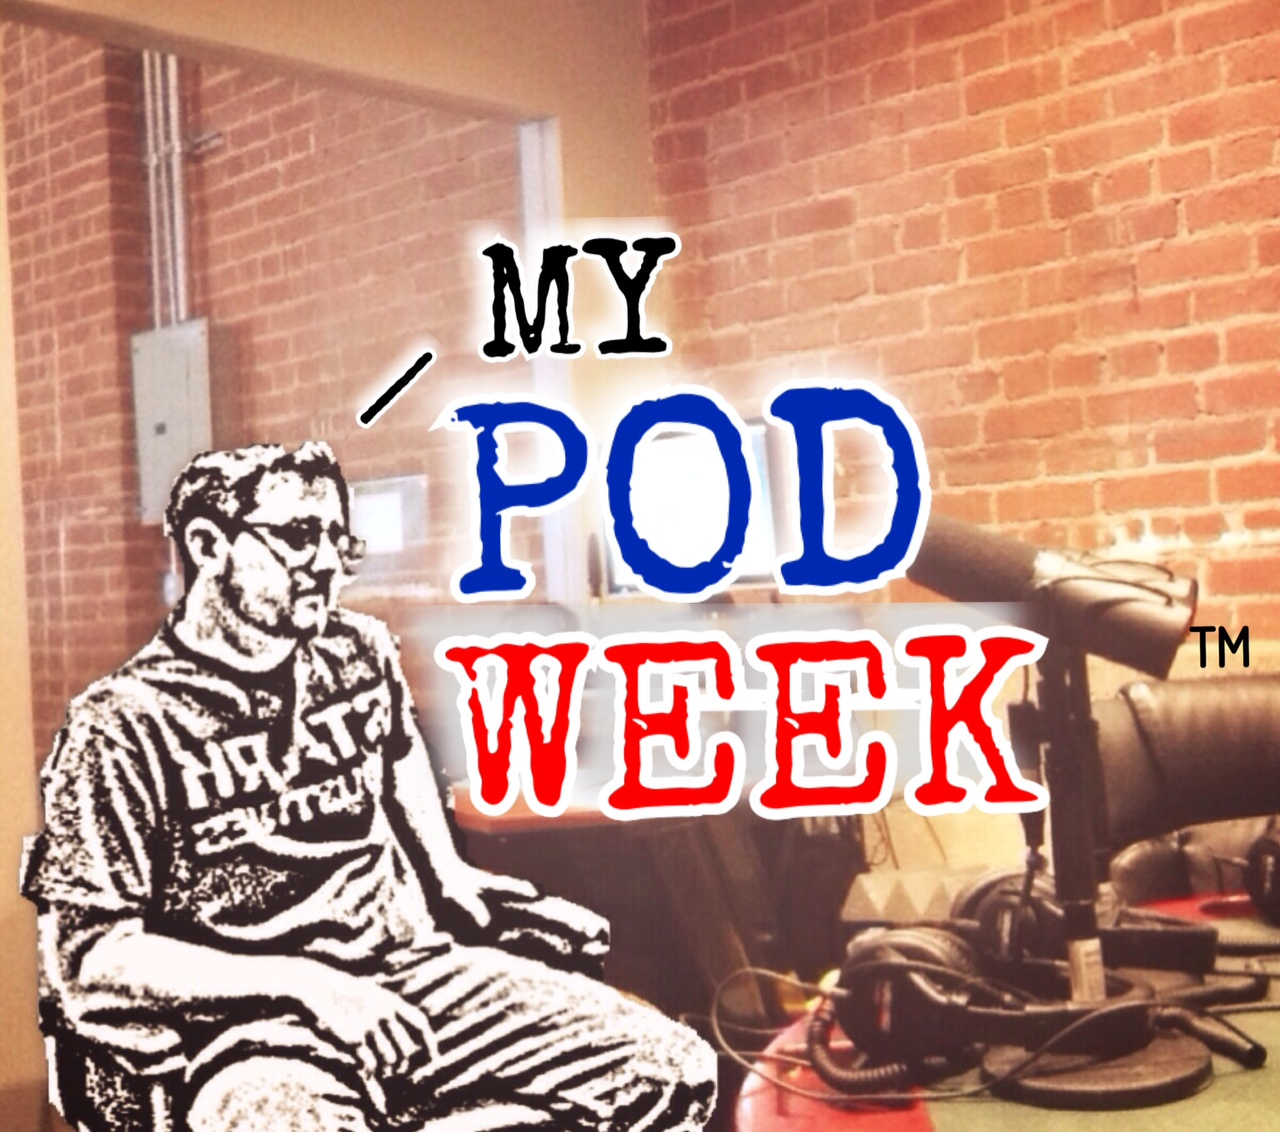 My Pod Week: Week ending 9/21/14